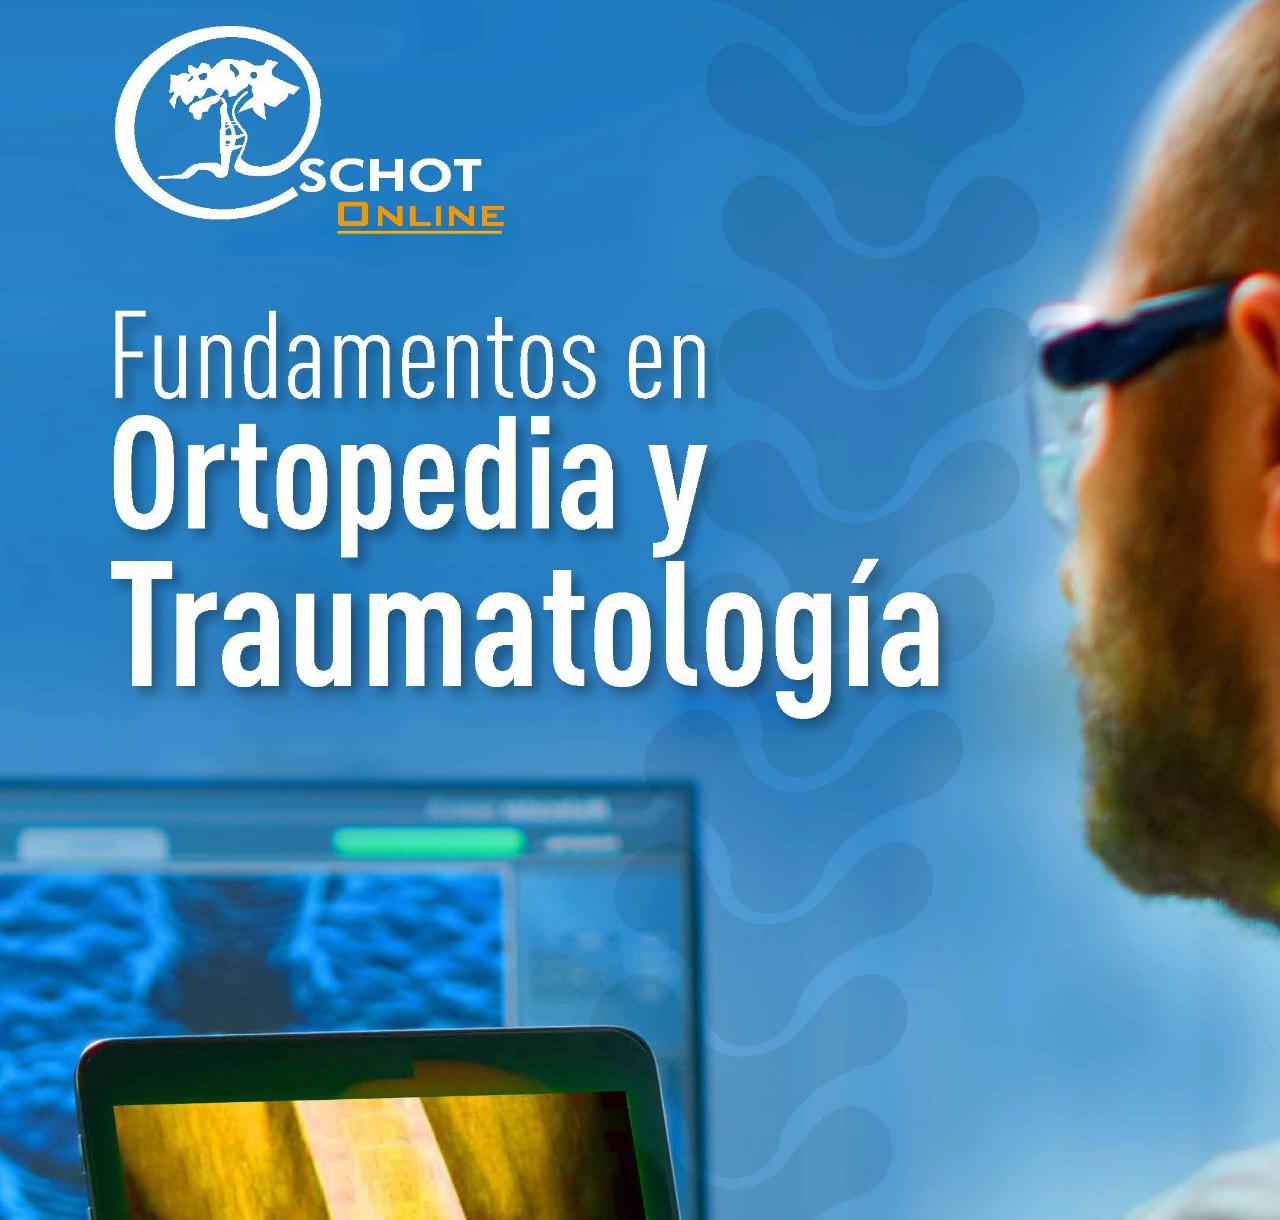 FUNDAMENTOS DE ORTOPEDIA Y TRAUMATOLOGÍA PARA RESIDENTES